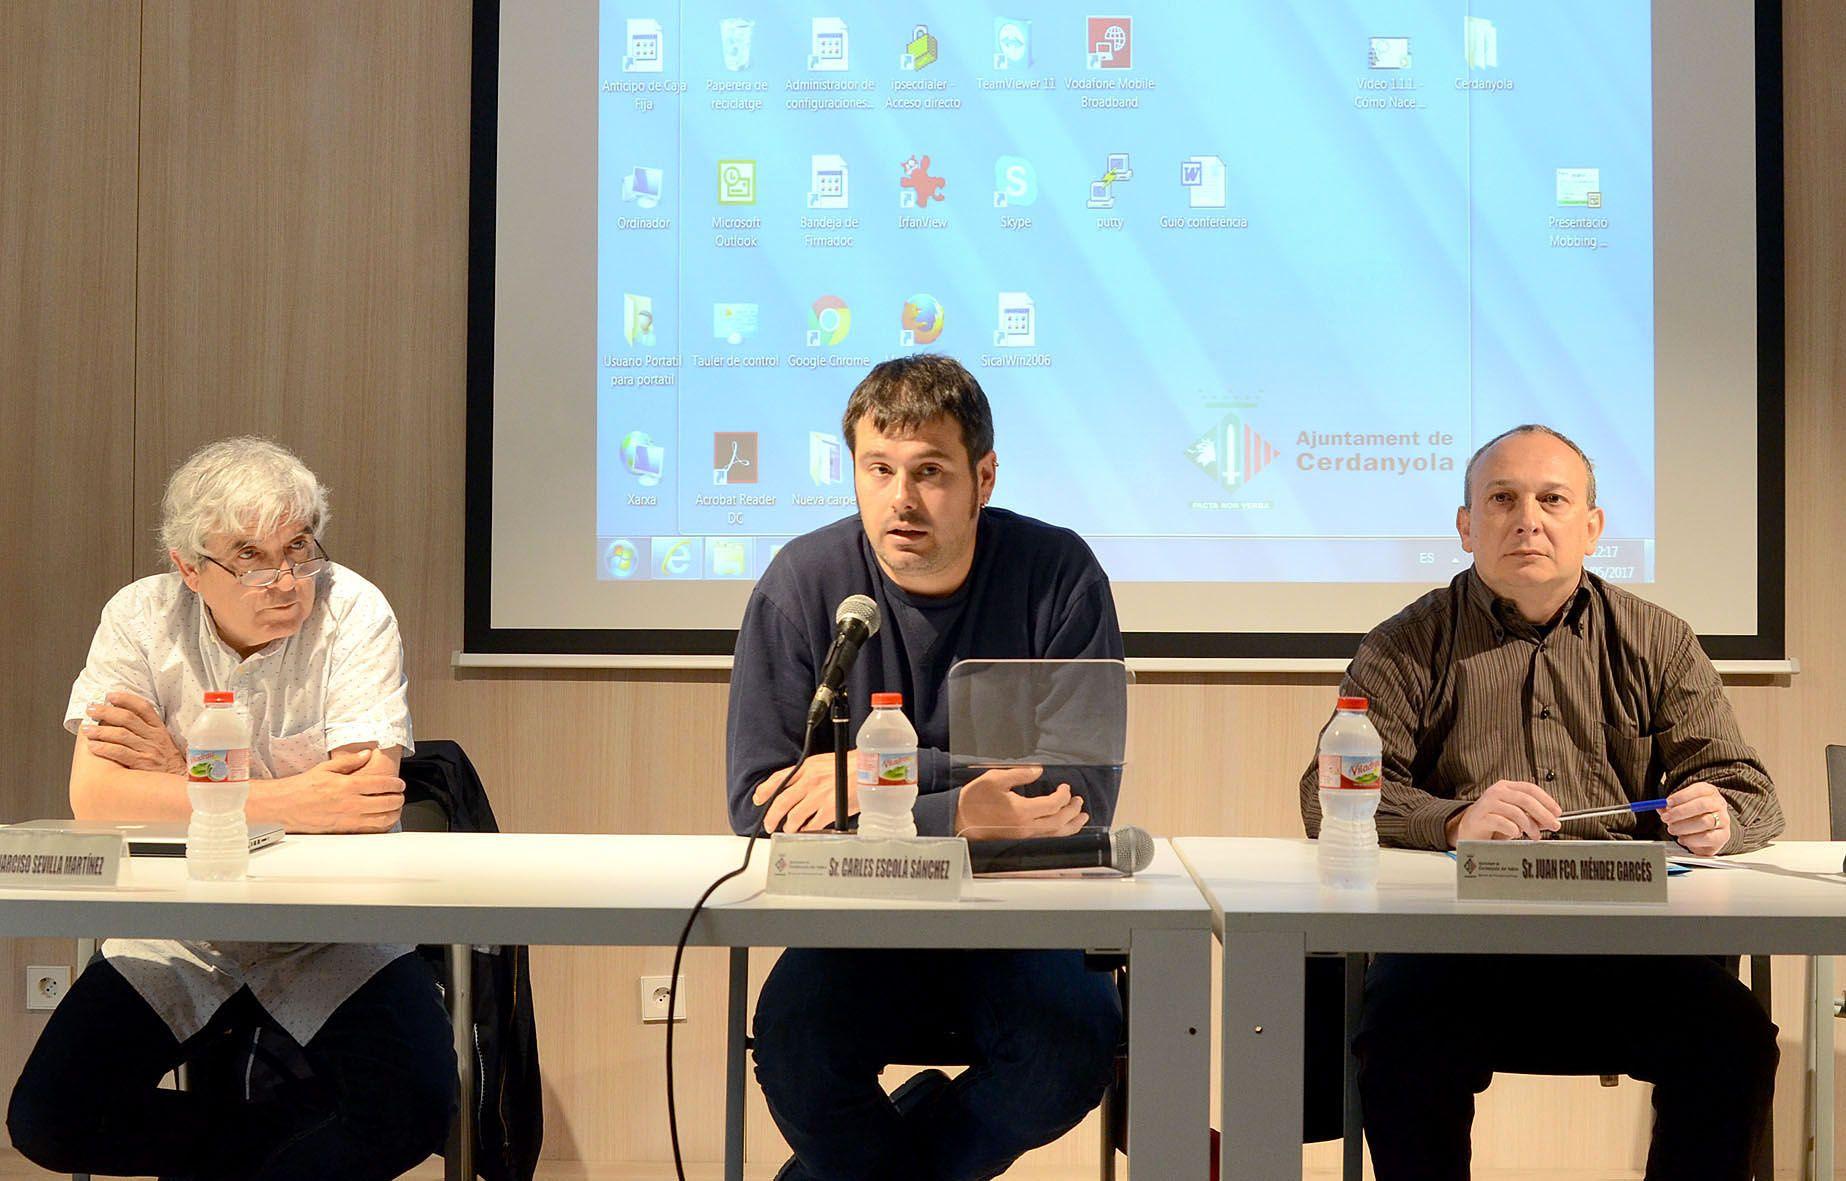 L'alcalde Carles Escolà, junt amb els ponents Narciso Sevilla i Juan Francisco Méndez